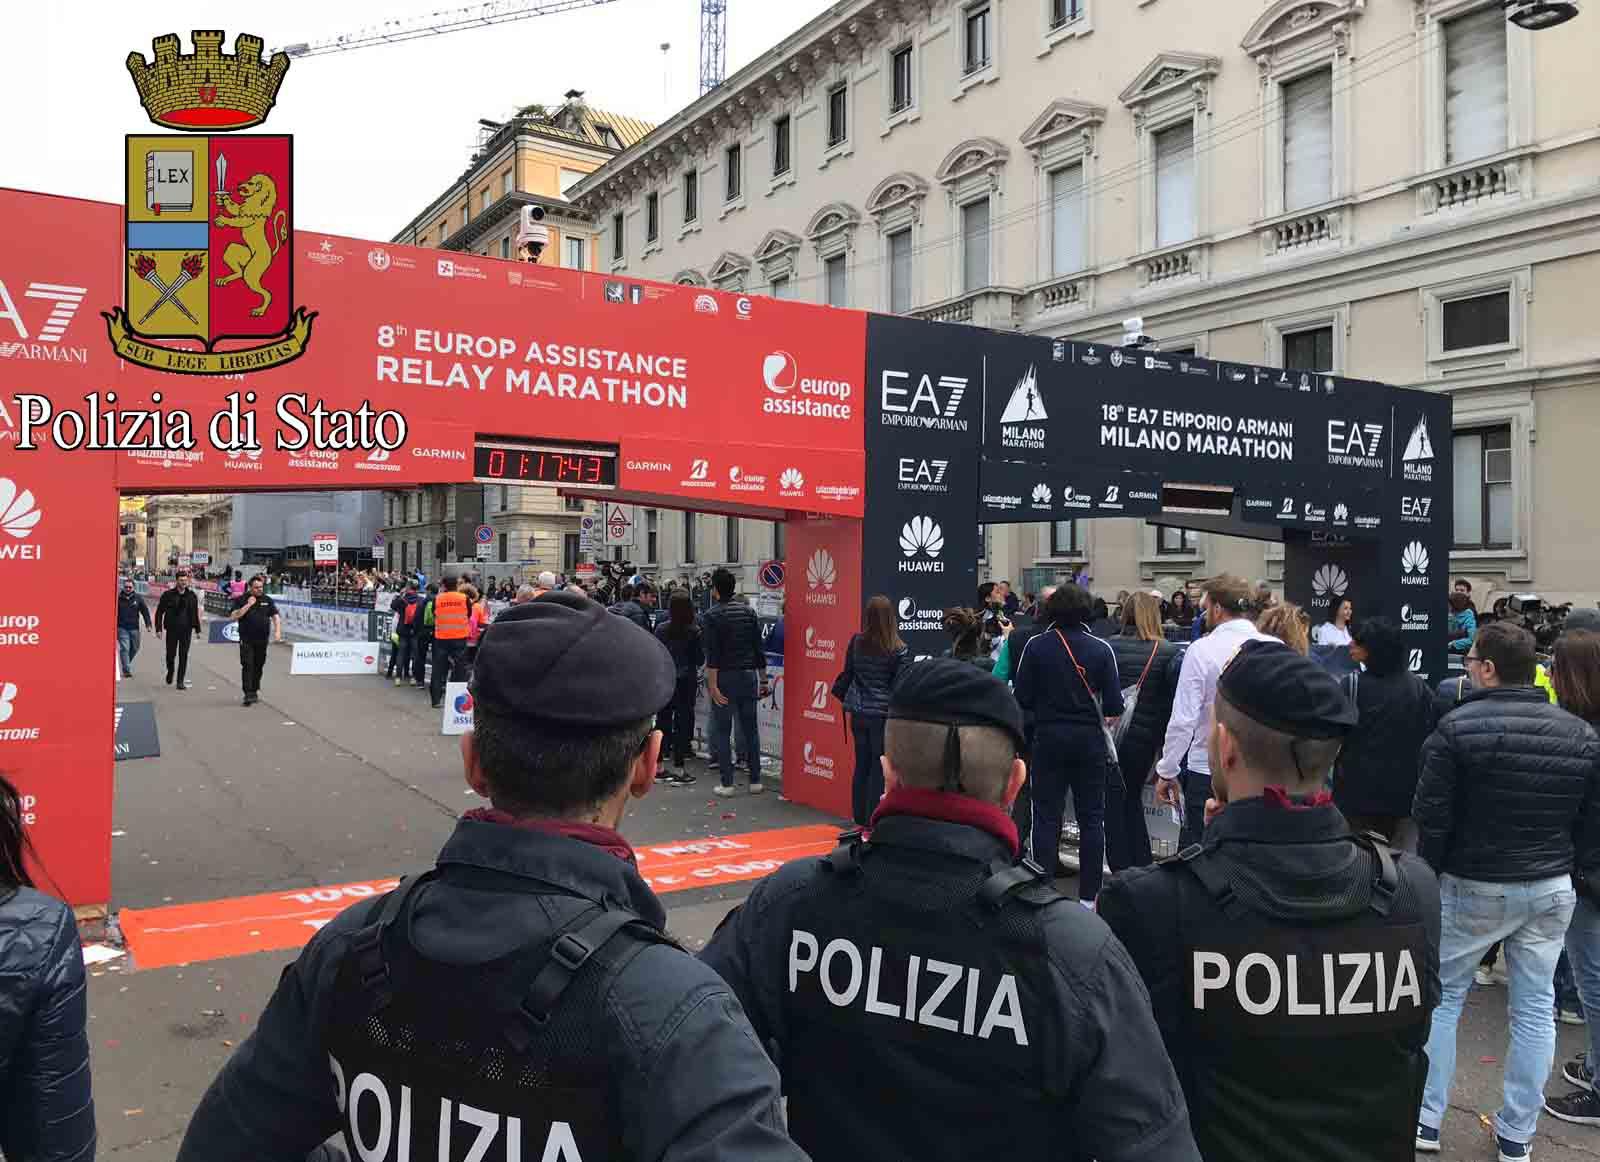 Polizia Di Stato Le Misure Di Vigilanza Disposte Dalla Questura Di Milano Per L Internazionale Milano City Marathon 2018